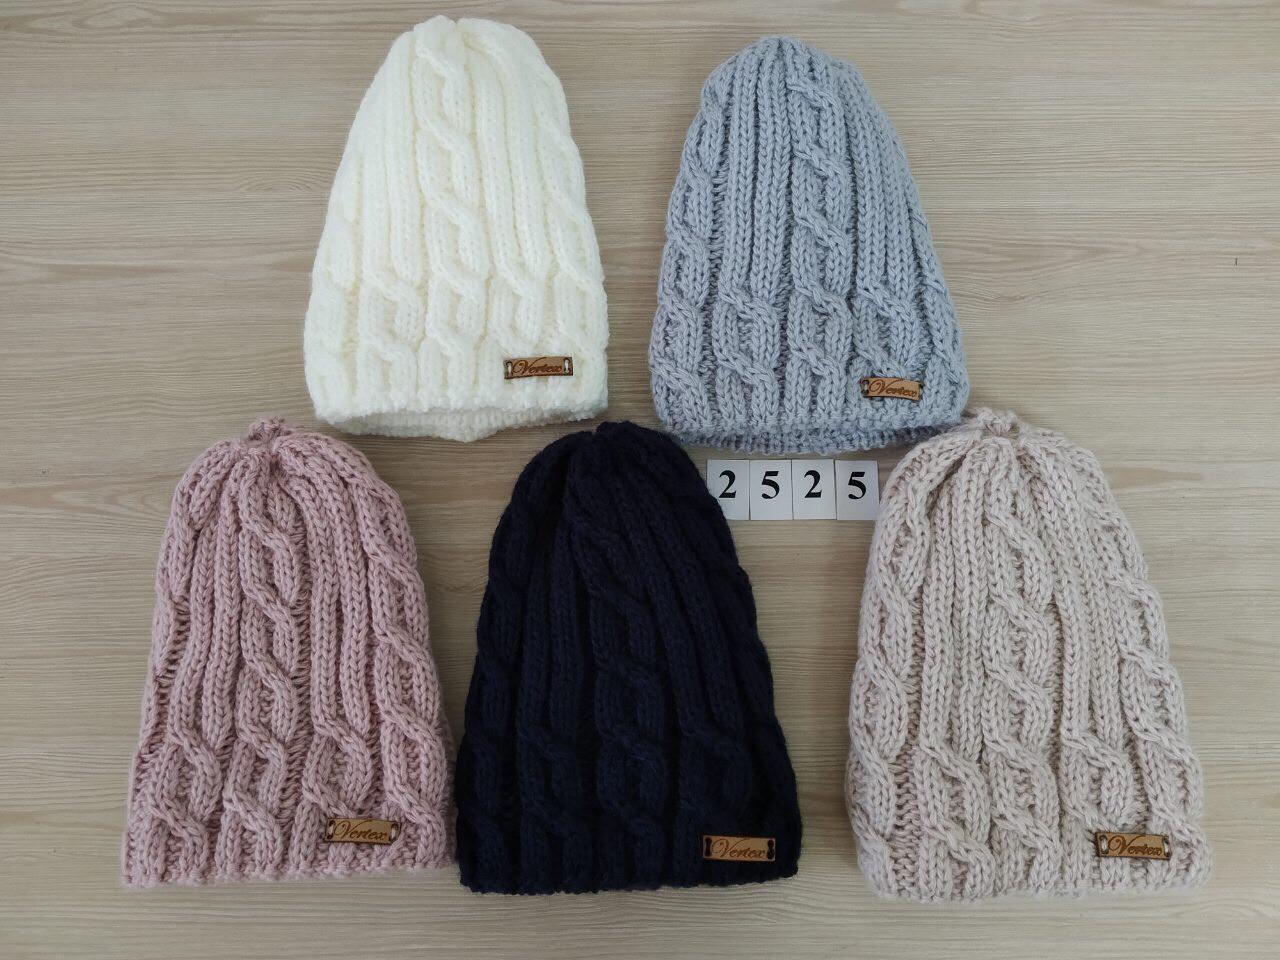 Вязанная зимняя  шапка для девочки подкладкой из флиса  - Артикул 2525 оптом